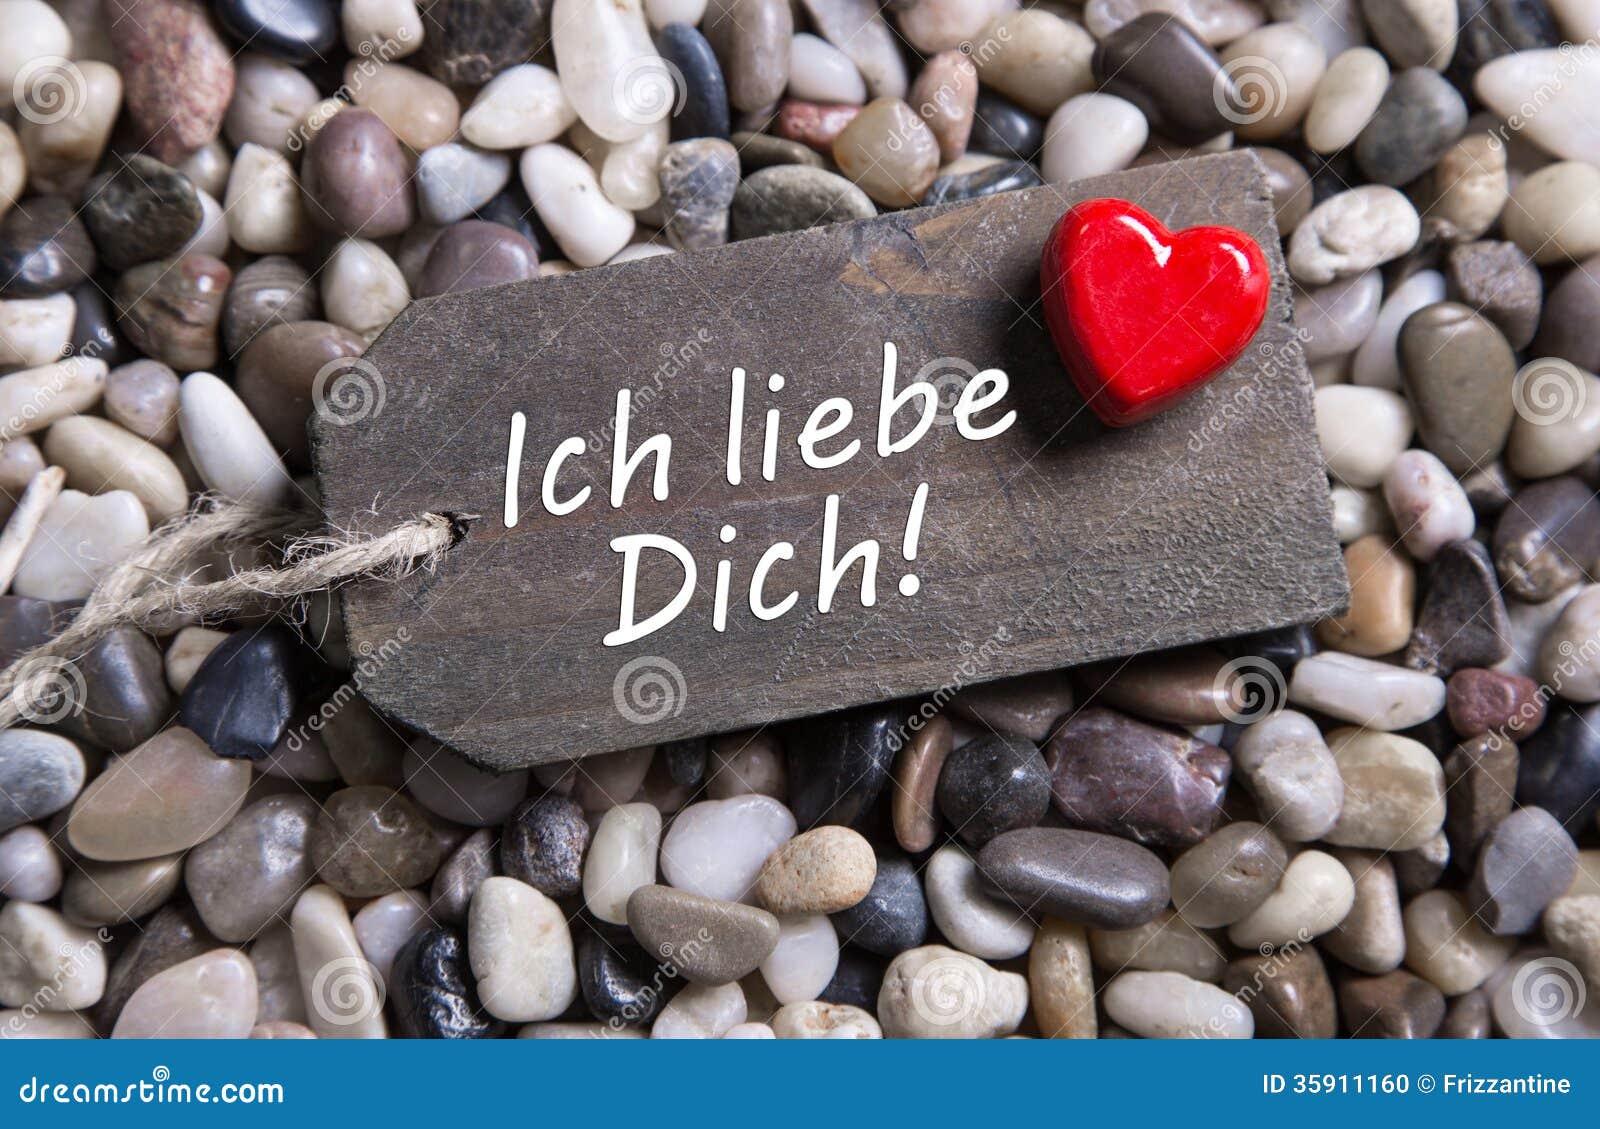 Ich Liebe Dich Karte Mit Deutschem Text Und Ein Rotes Herz